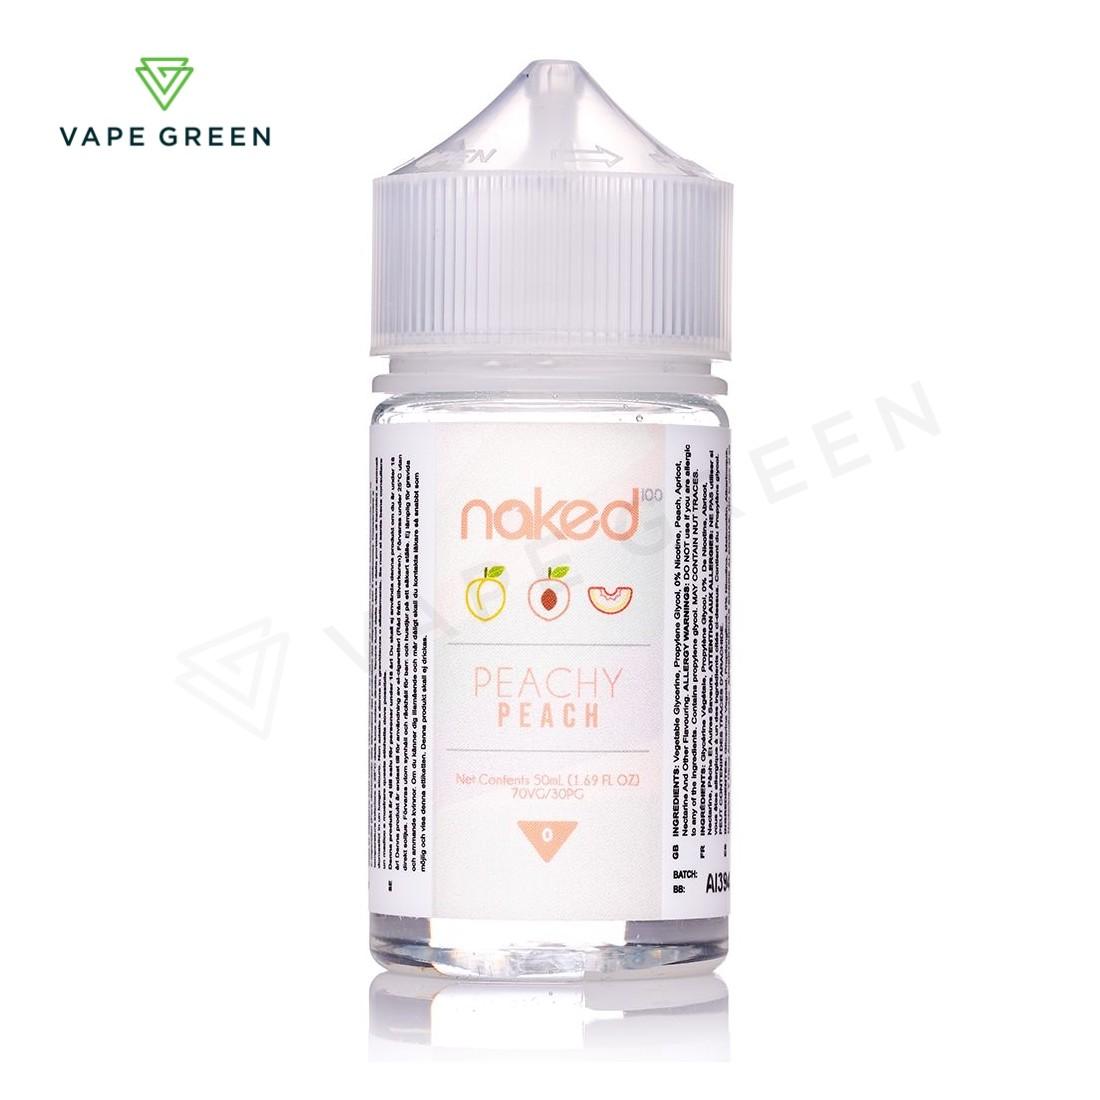 Peachy Peach E-liquid by Naked 100 - 50ml